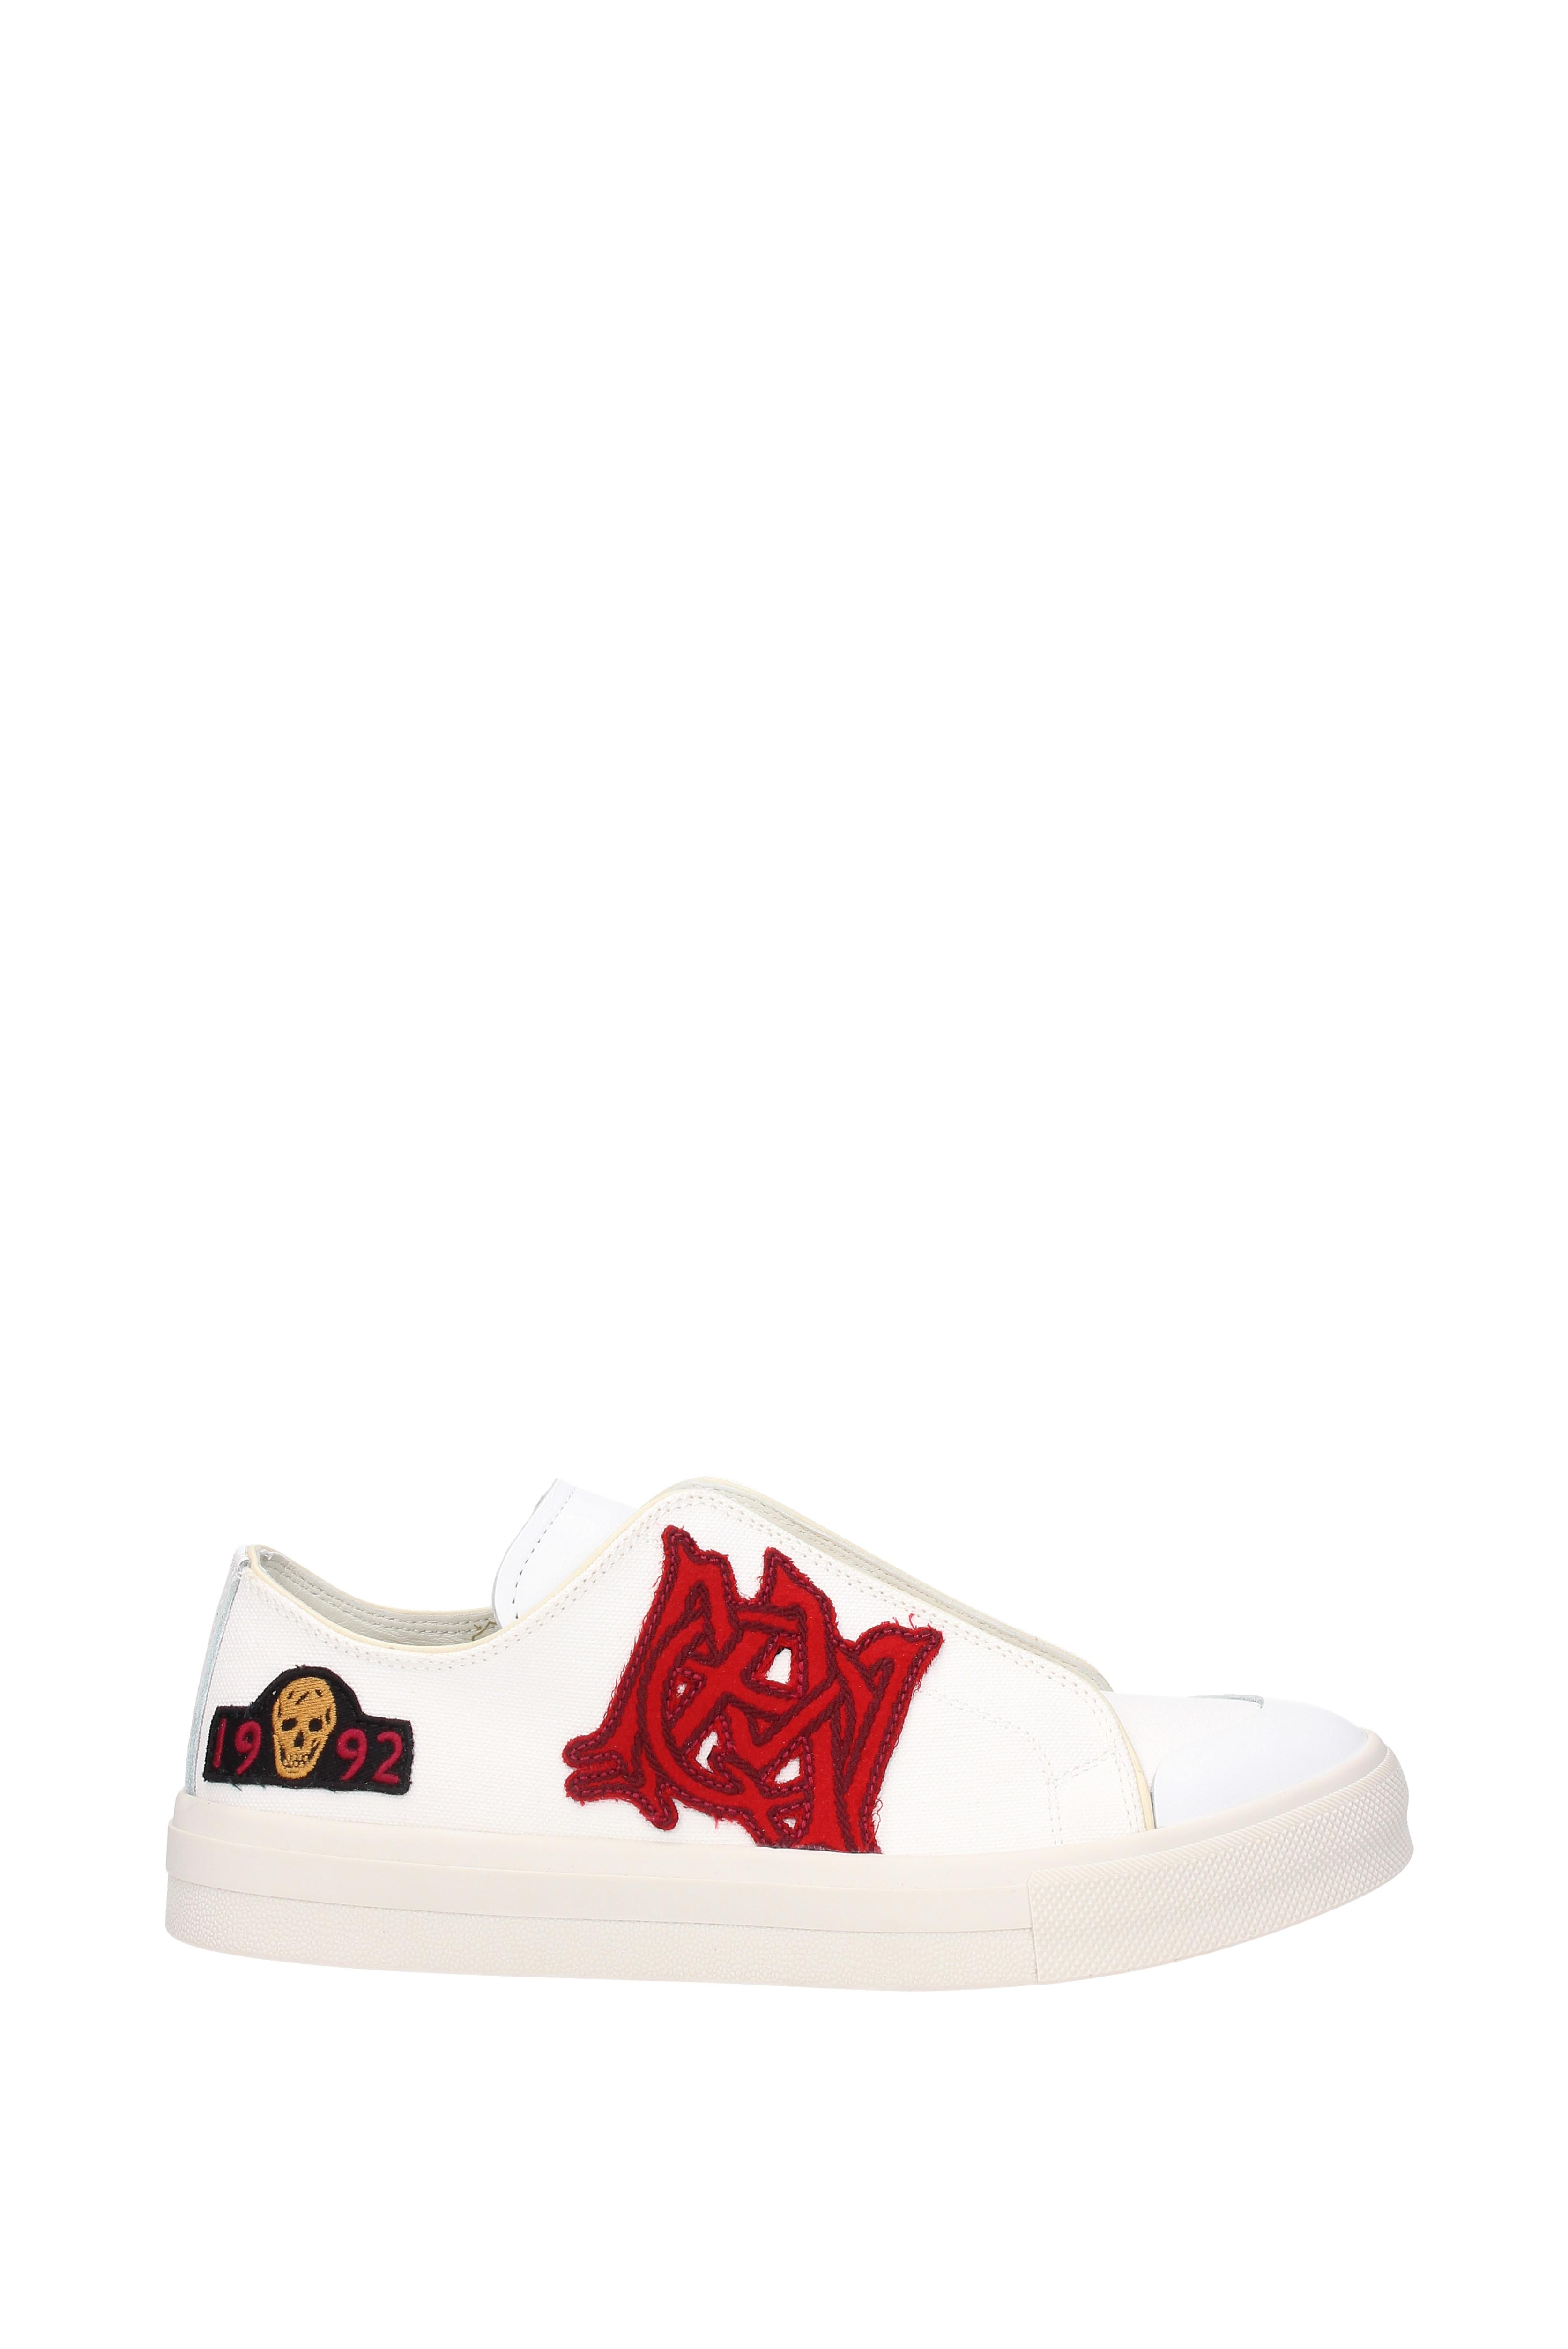 Scarpe casual da uomo  Sneakers Alexander McQueen uomo - Fabric  (457335WHJ8C)